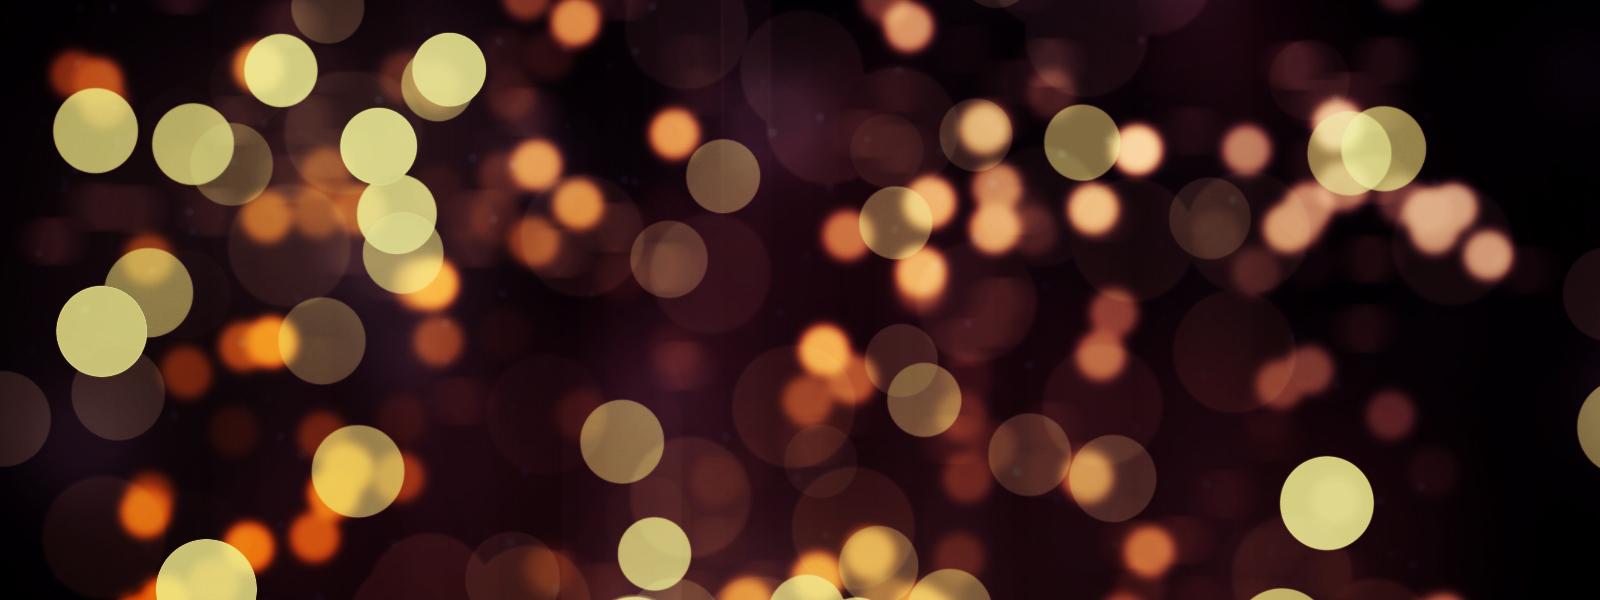 Light Night Event